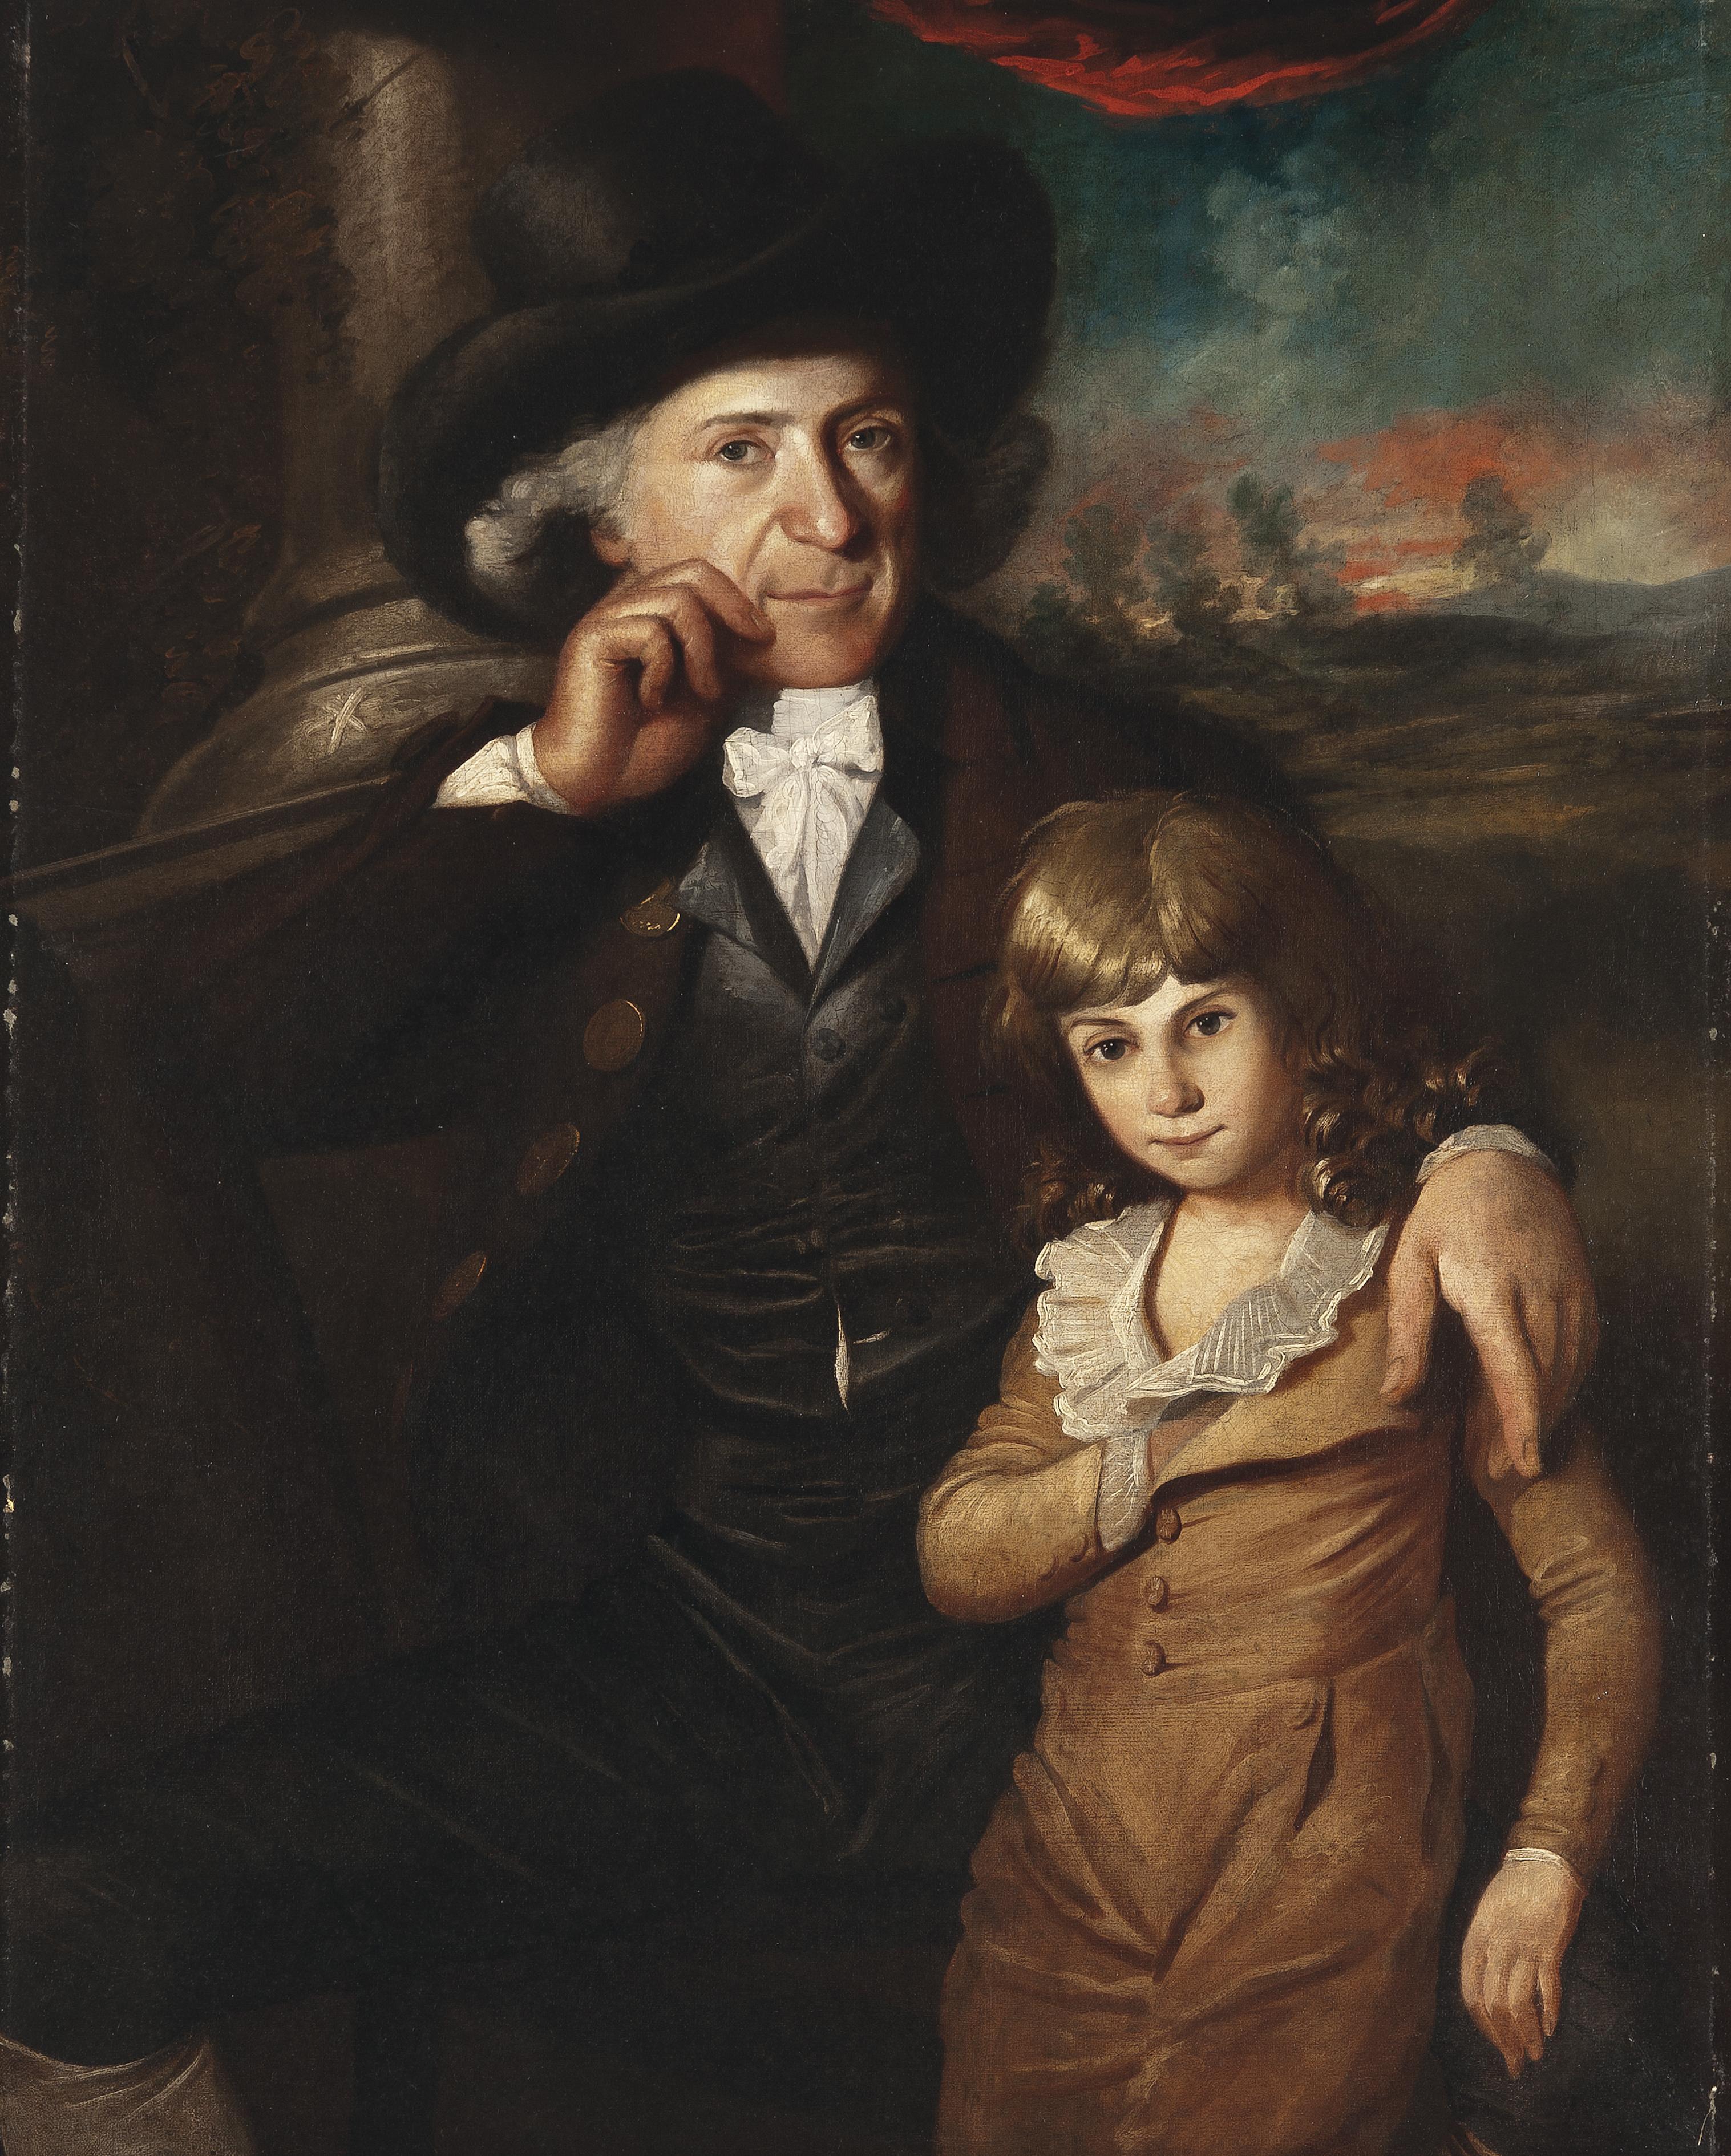 98eb5f2660f7 File:English School 19th century Nobleman and boy.jpg - Wikimedia ...